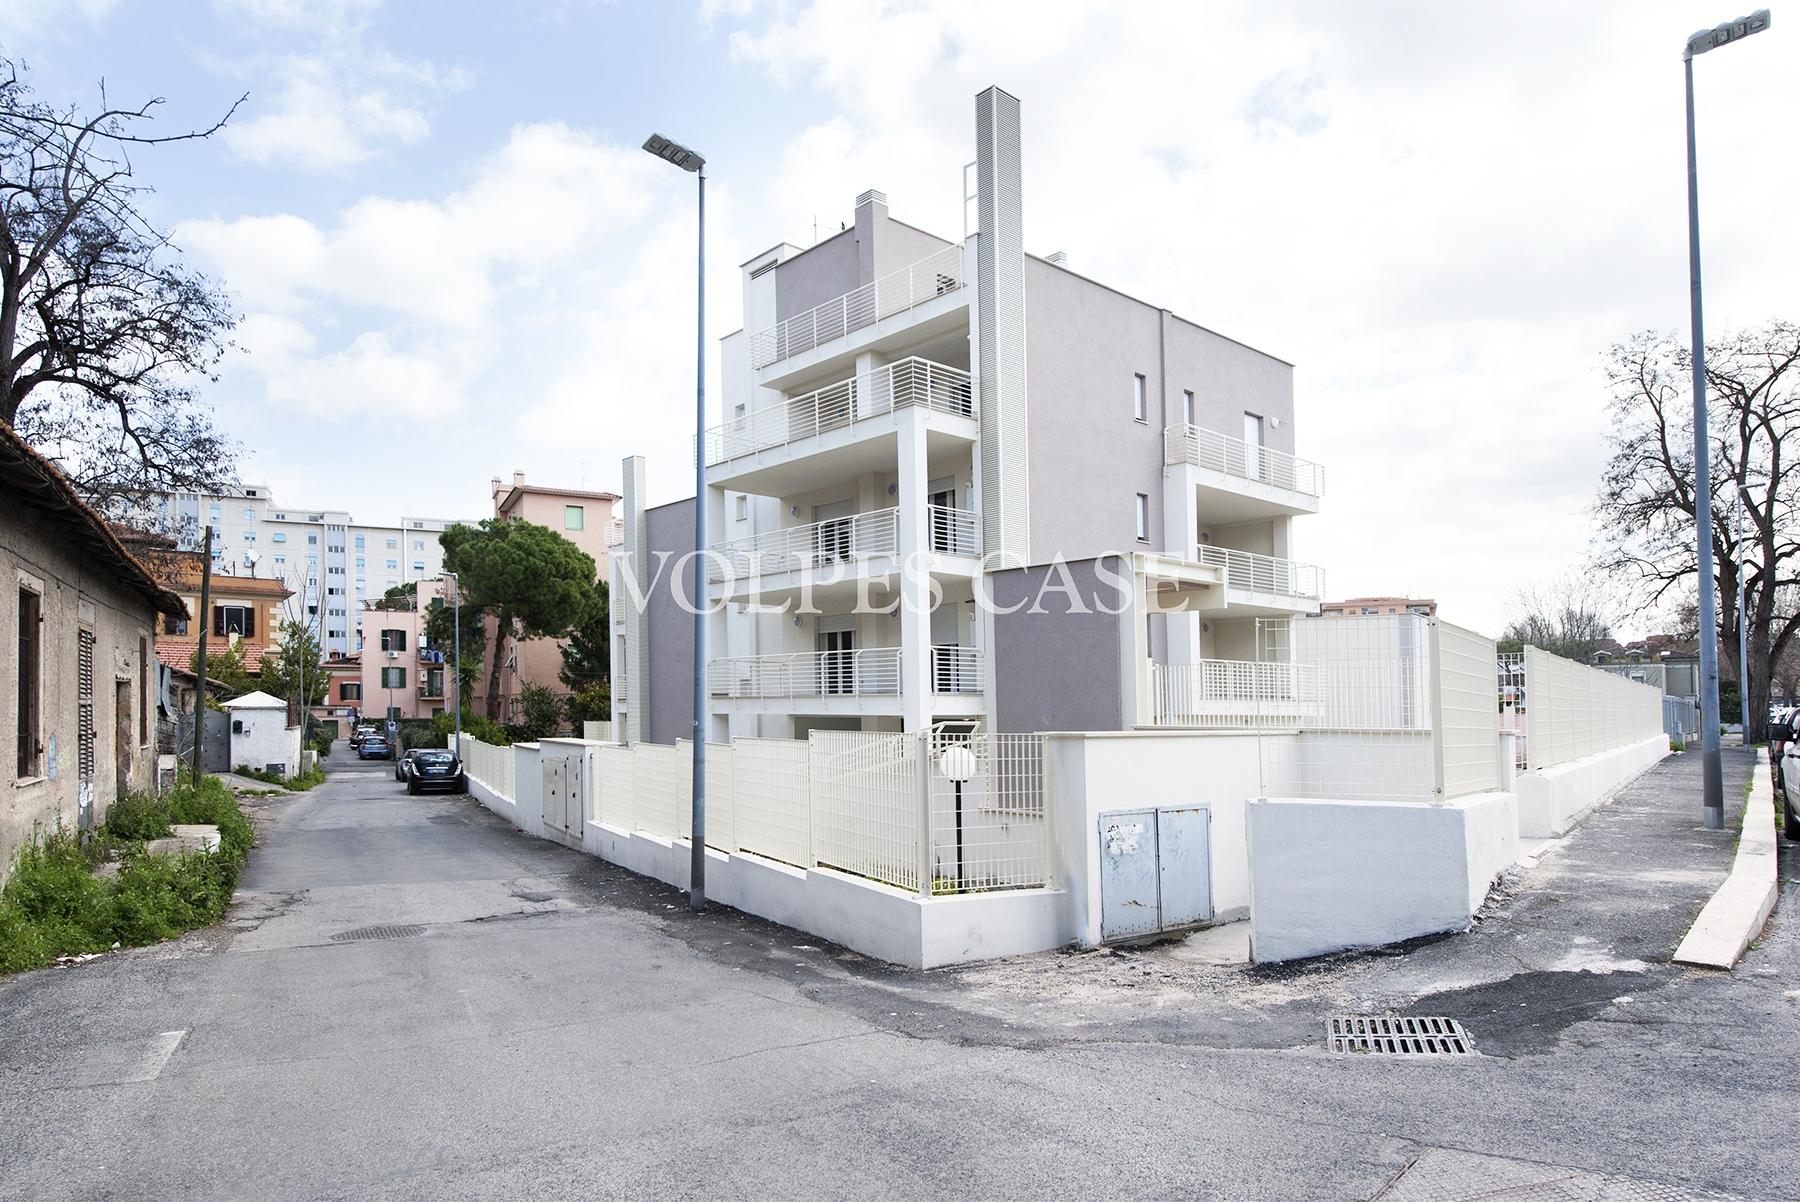 Appartamento in affitto a roma cod v45 3470 for Affitto appartamento roma privati